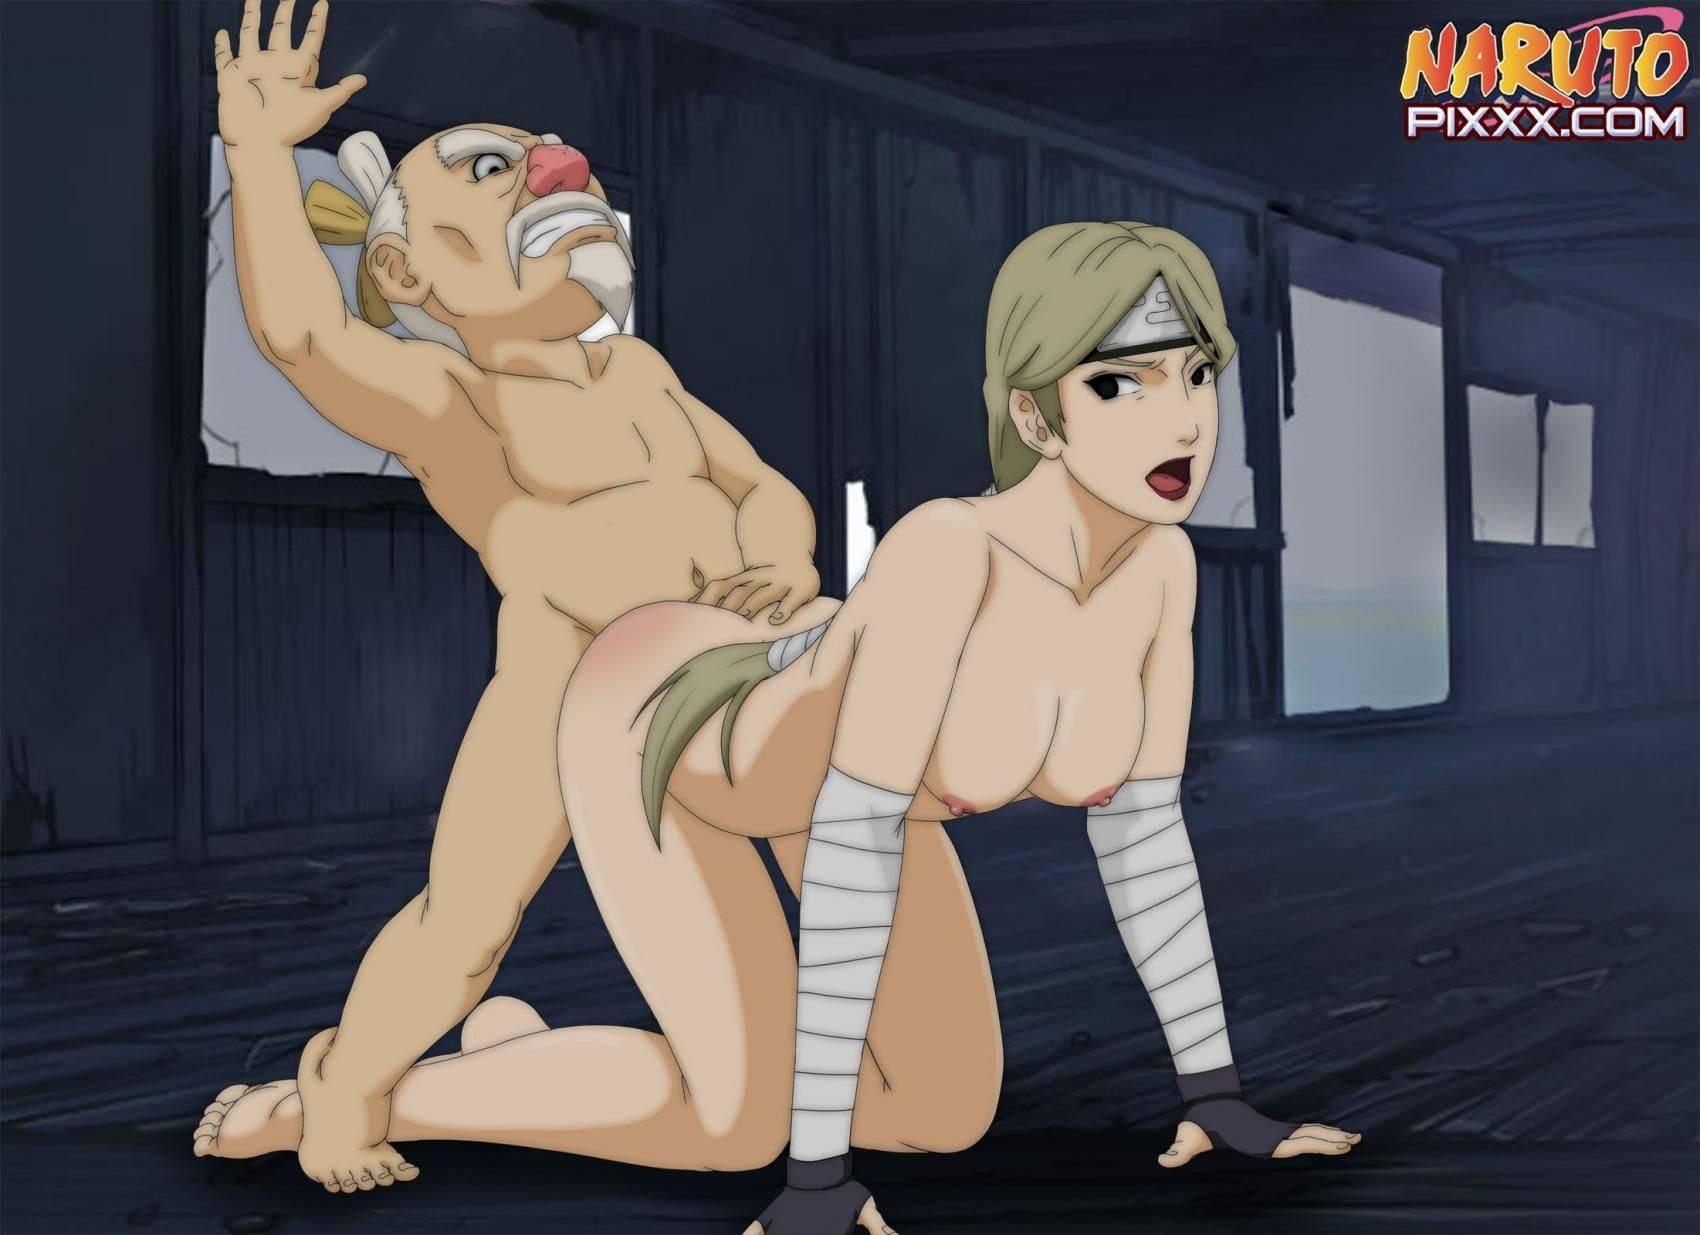 【NARUTO】二位ユギト(にいゆぎと)のエロ画像【11】